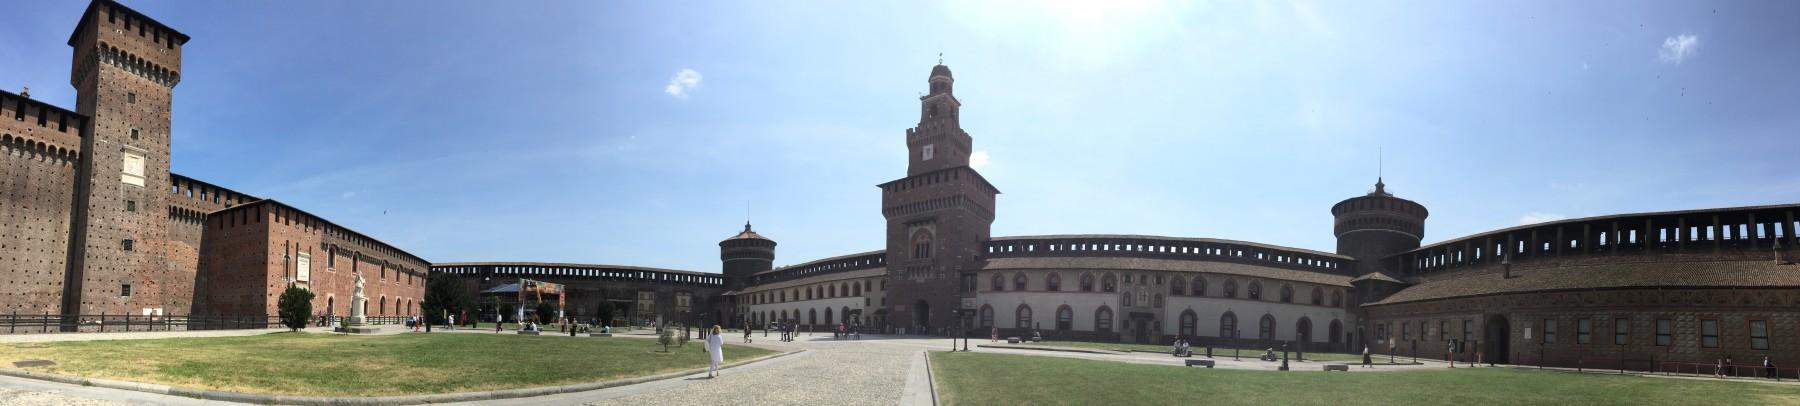 スフォルツェスカ城